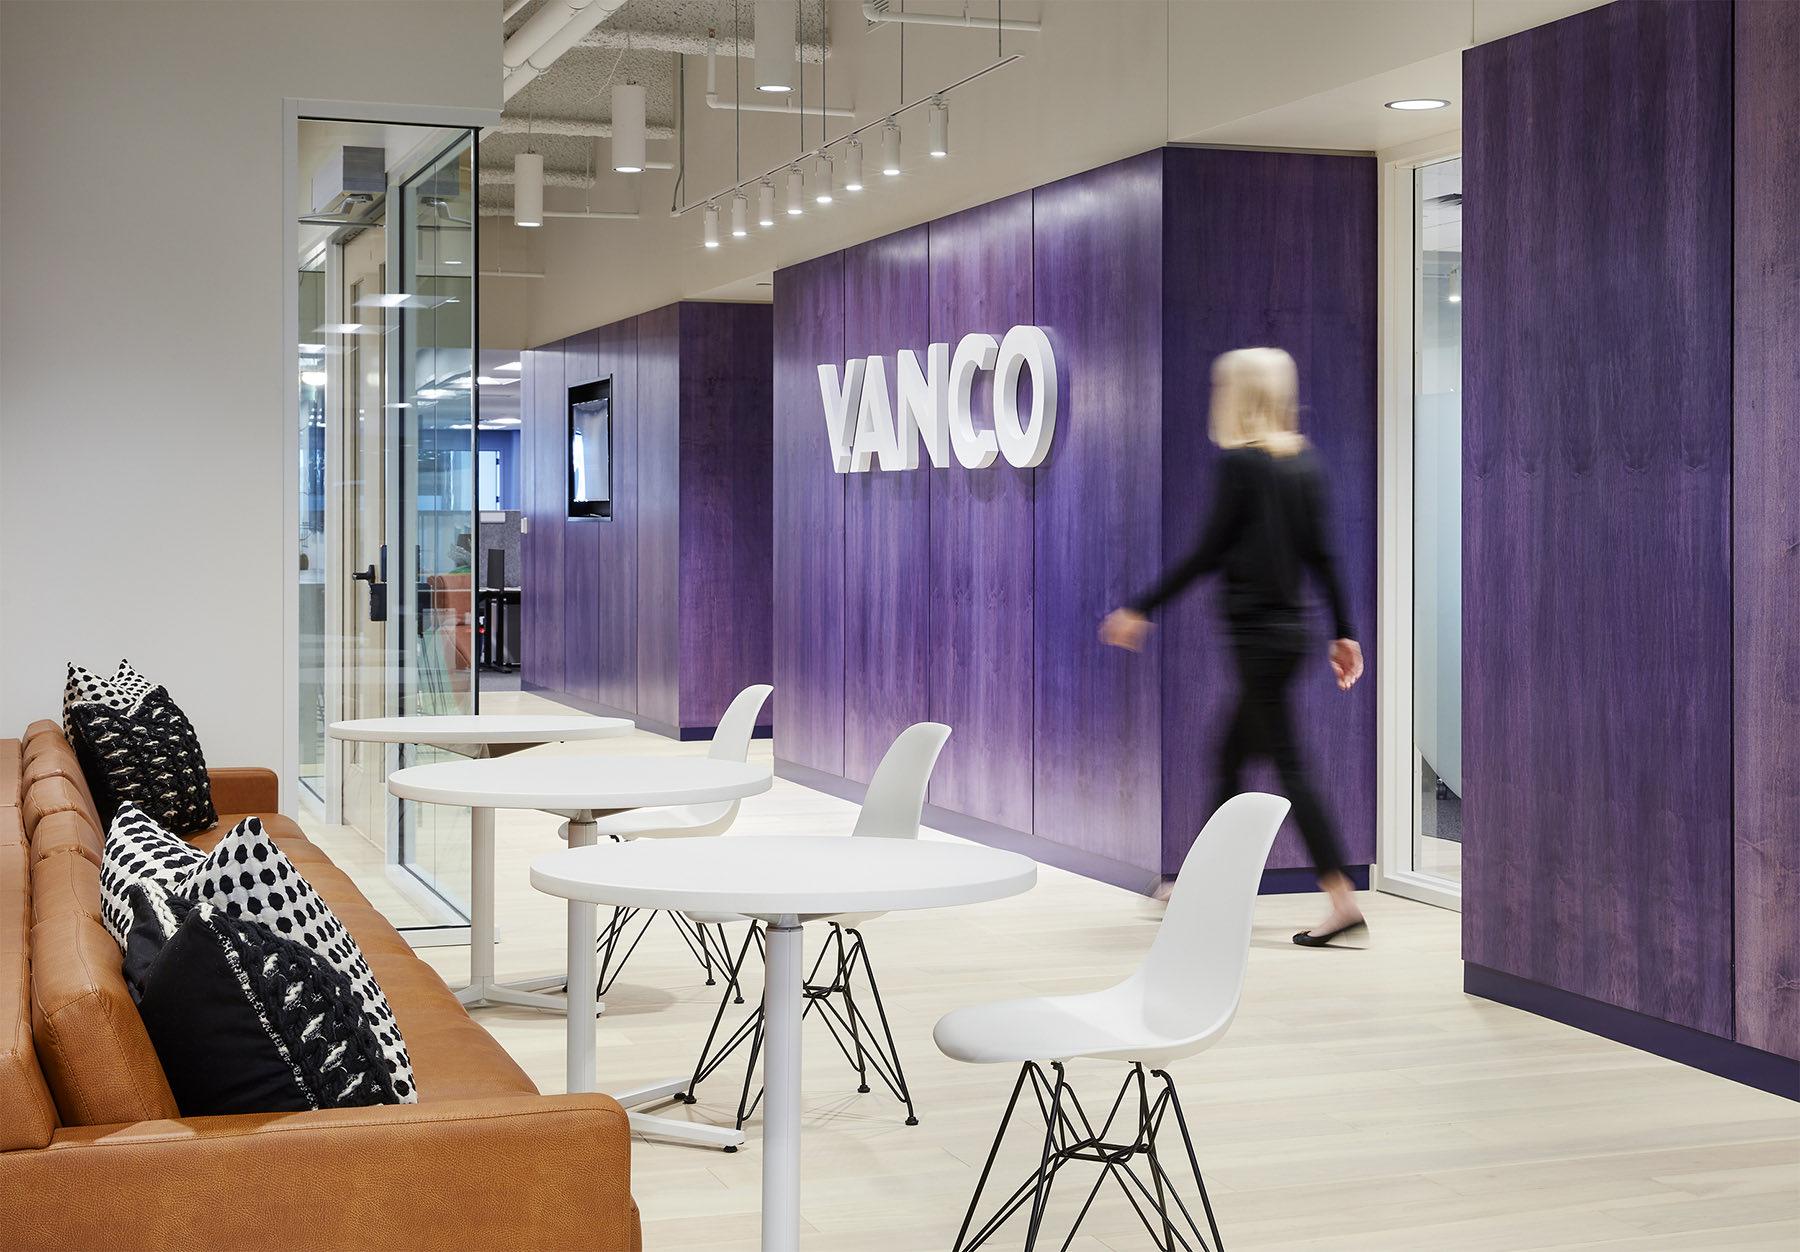 vanco-minnesota-office-2